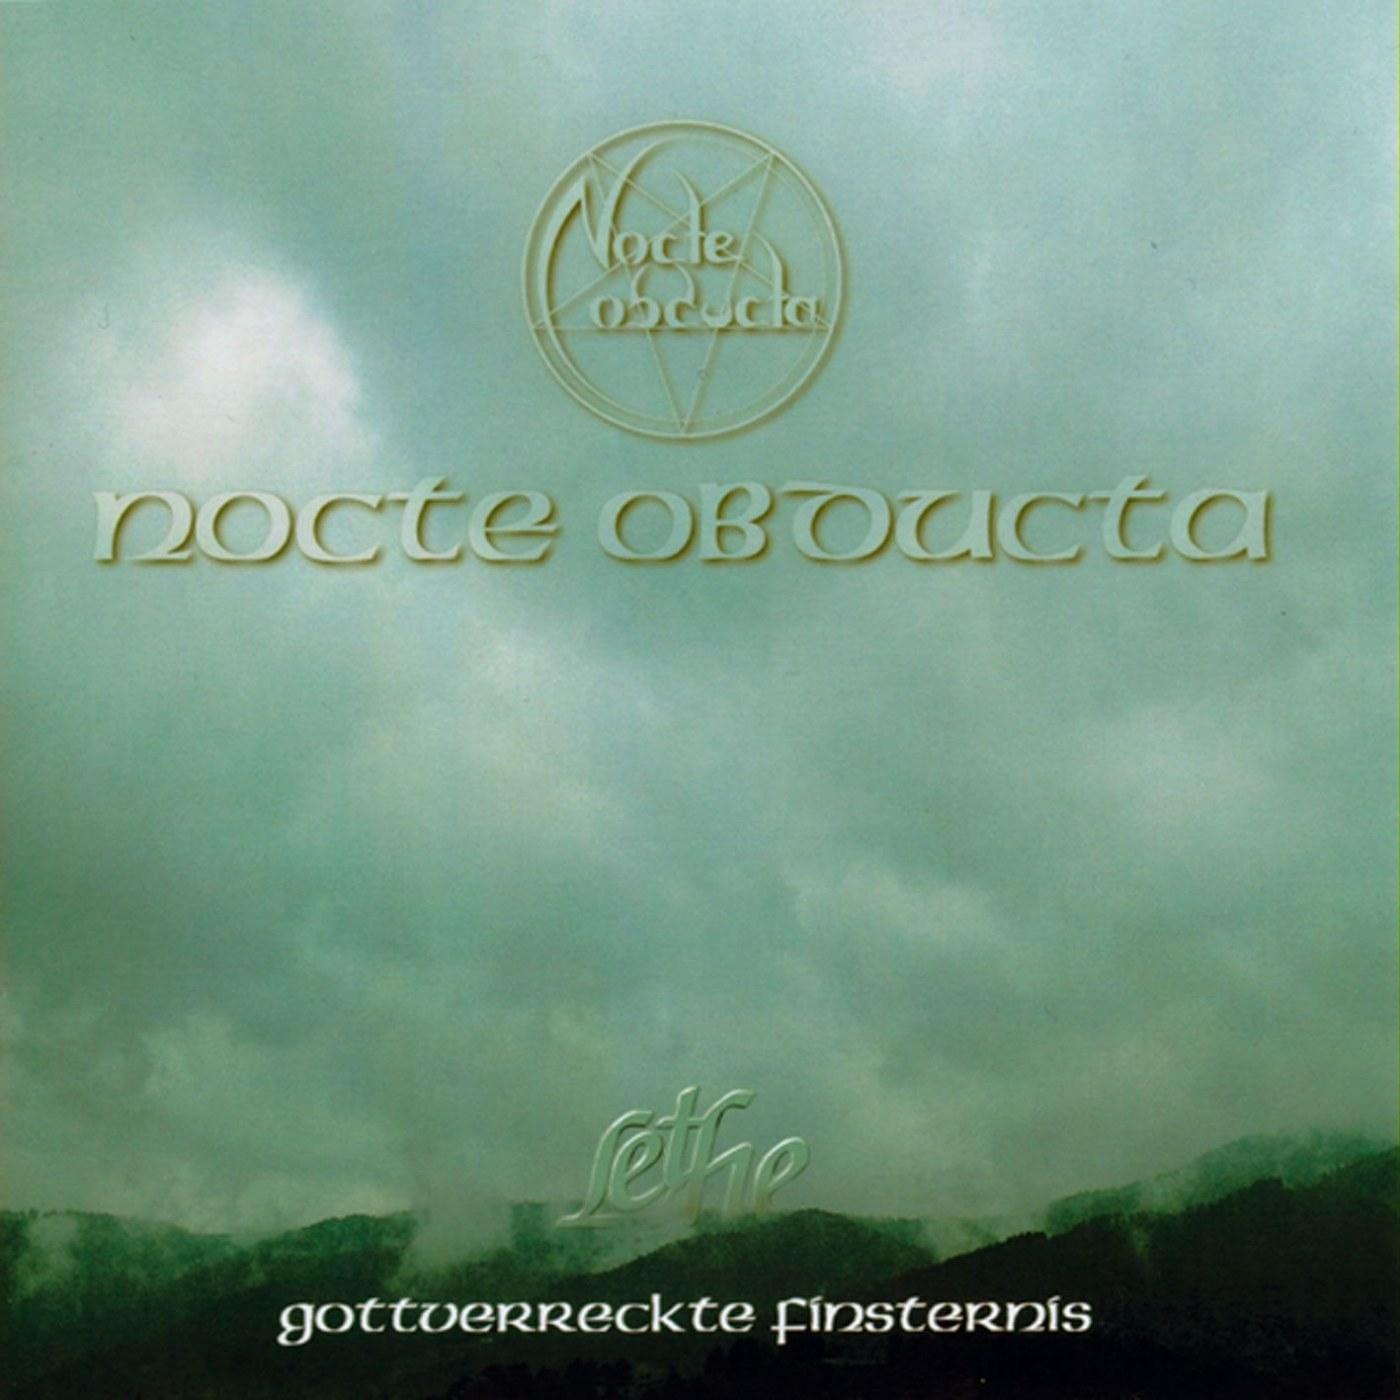 Review for Nocte Obducta - Lethe (Gottverreckte Finsternis)